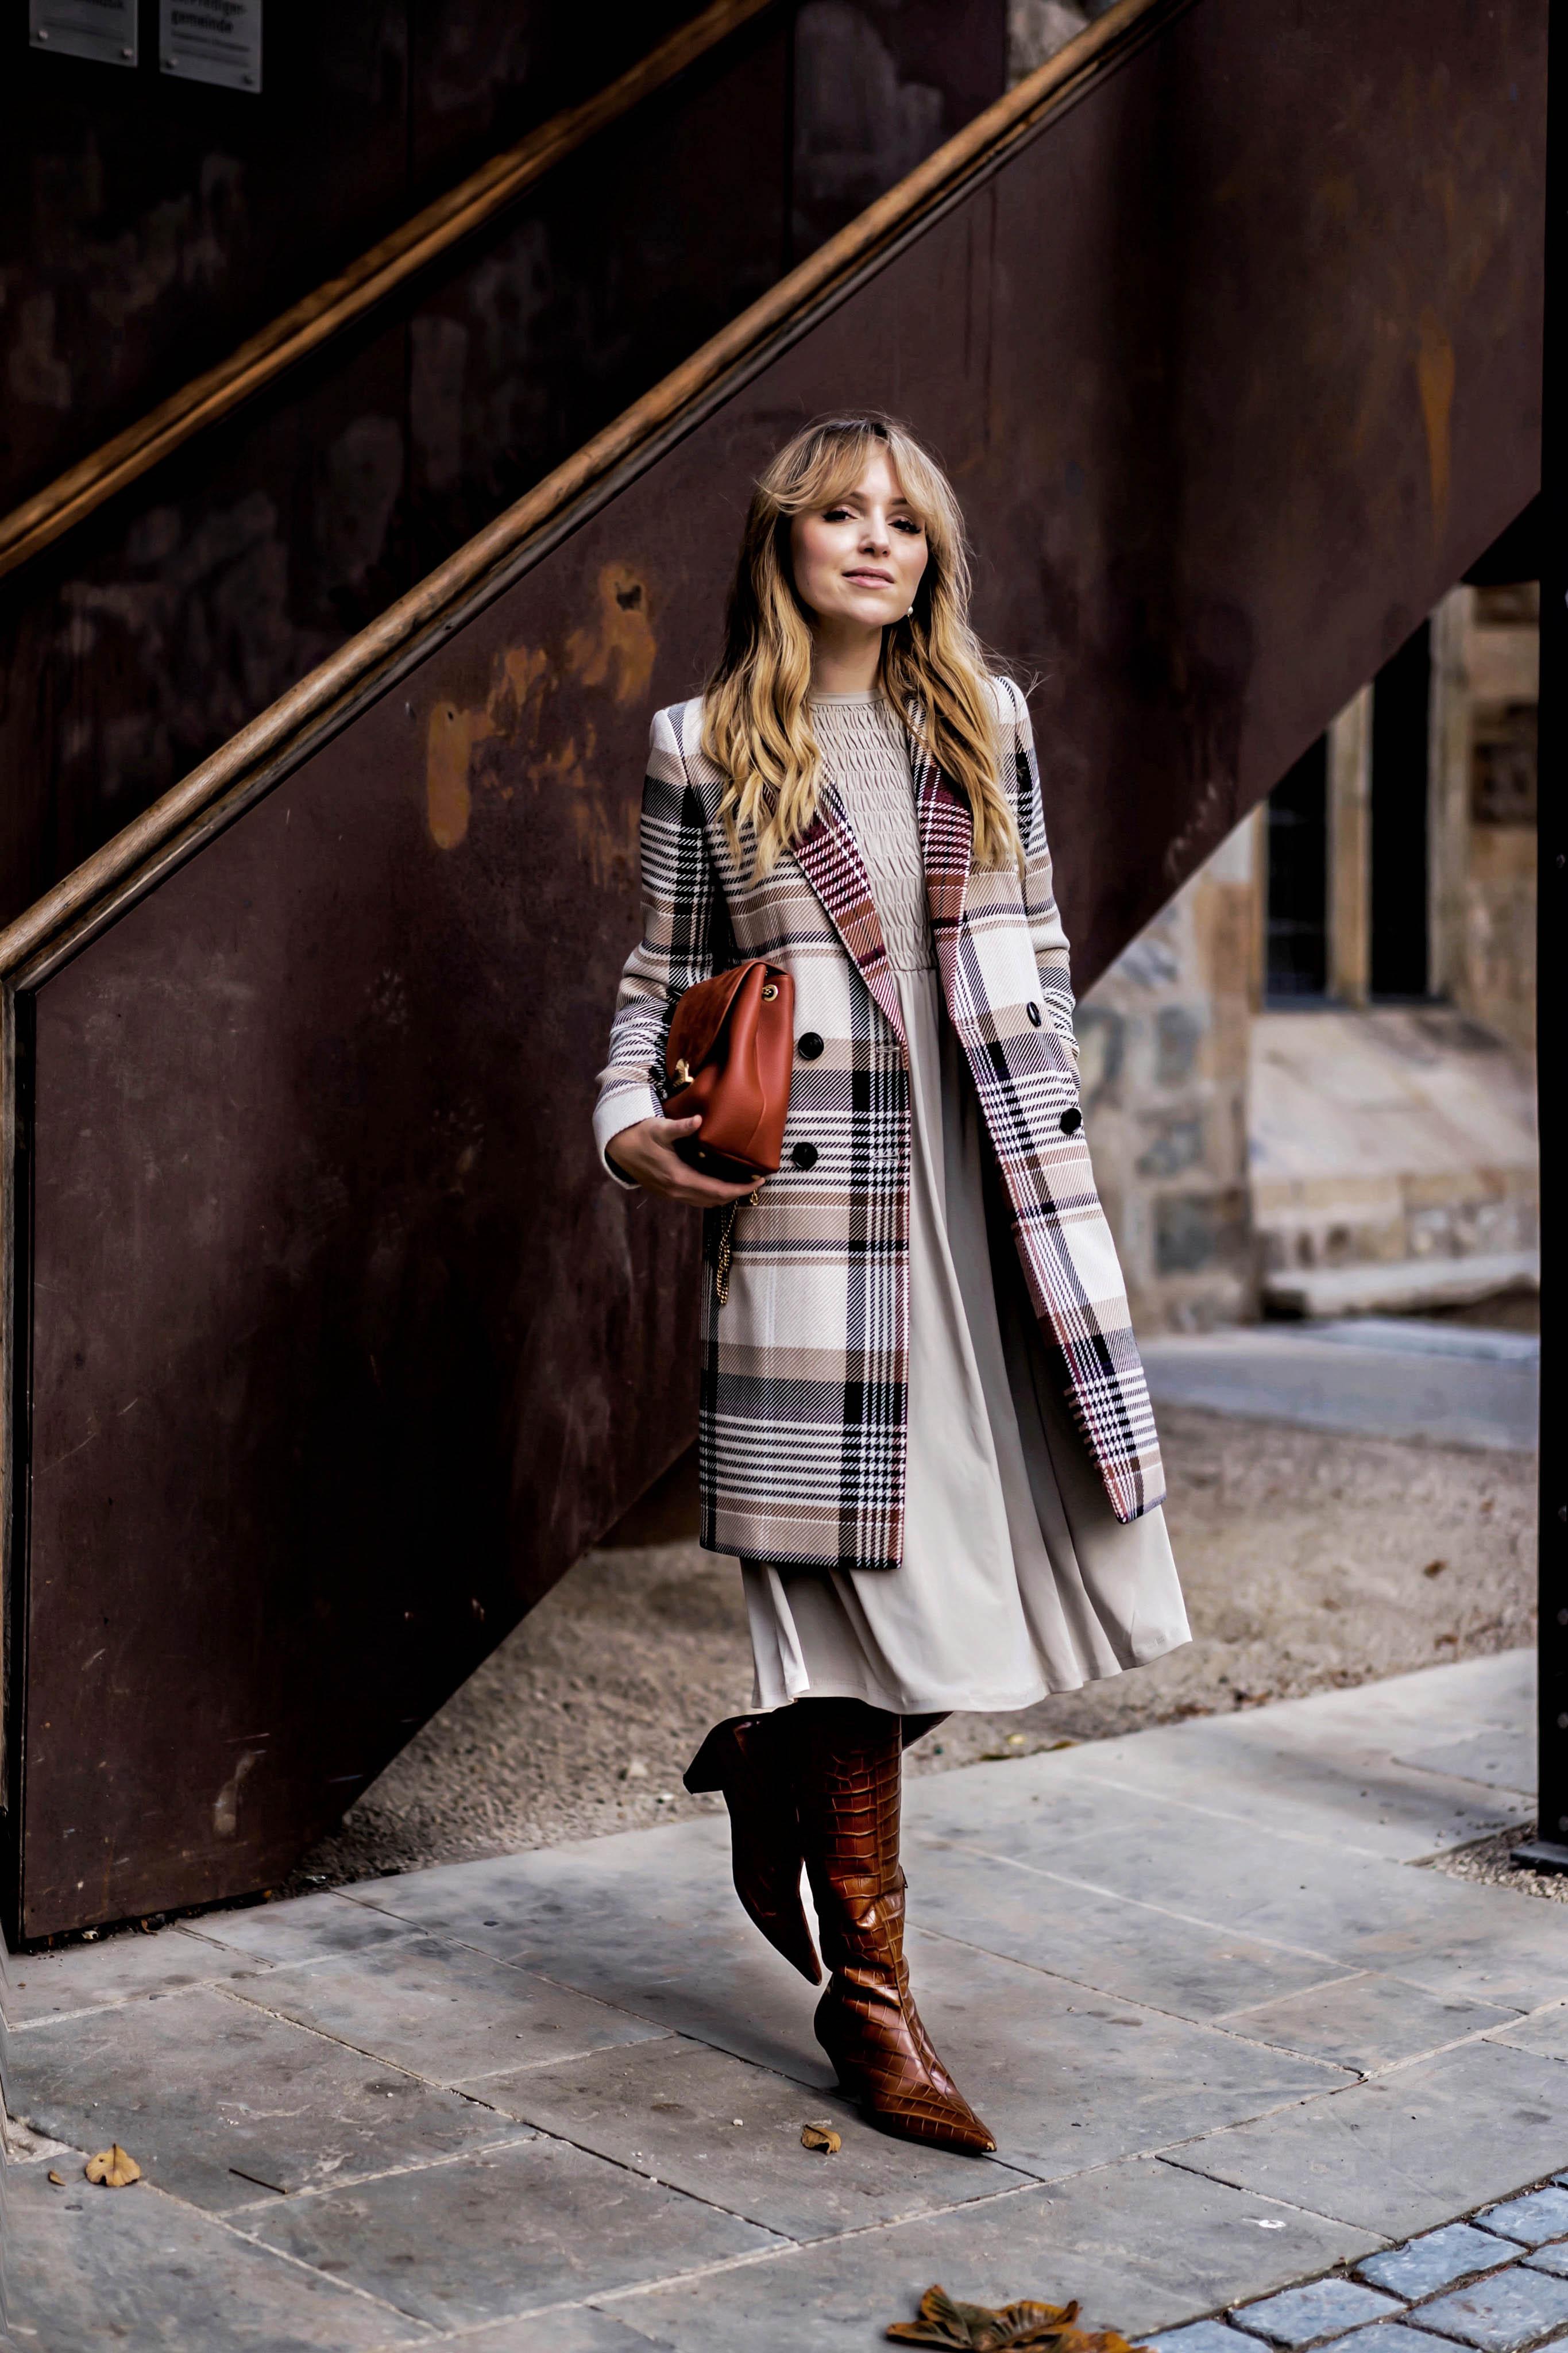 Herbst Farben Beige creme und Braun in einem Outfit